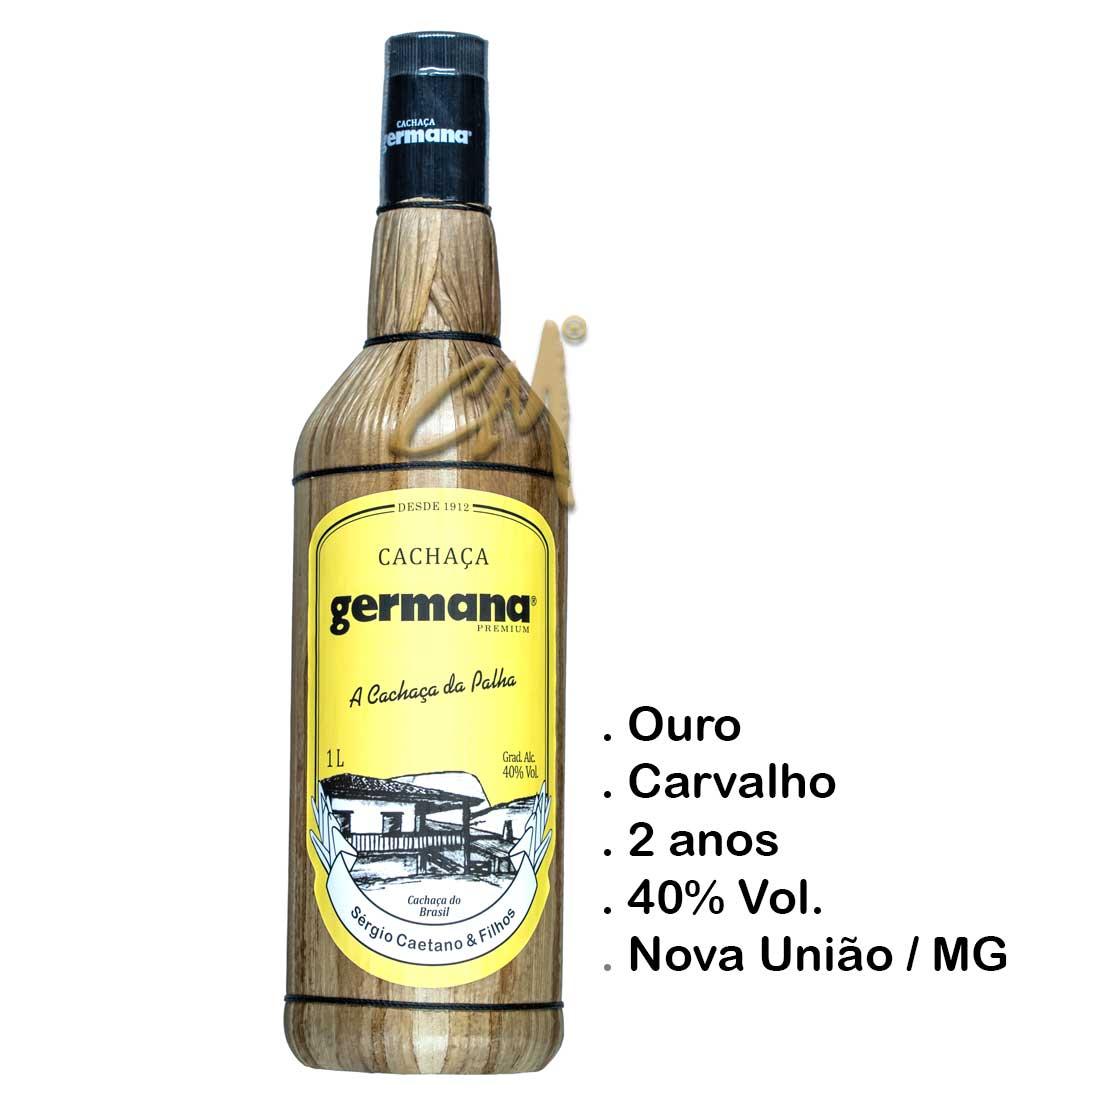 Cachaça Germana 980 ml (Nova União - MG)